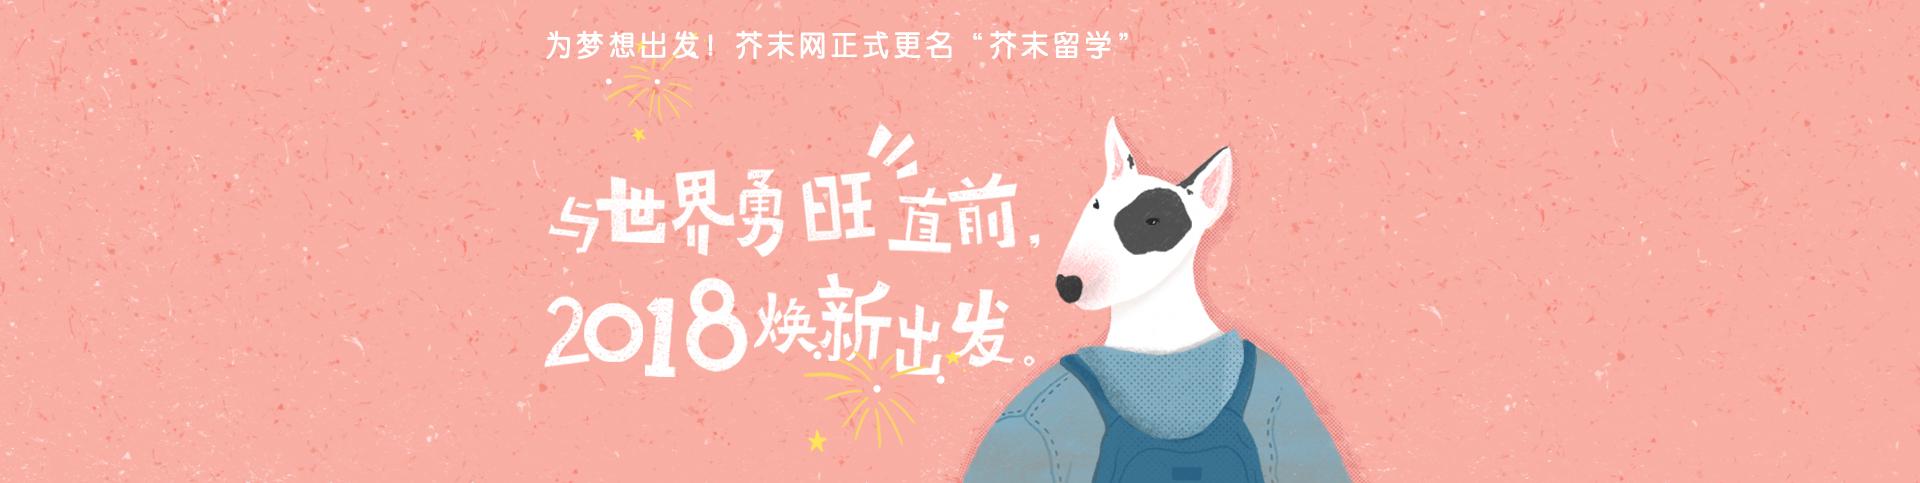 """大奖娱乐手机客户端正式更名""""芥末留学"""" 发布全新品牌标识 官网首页"""